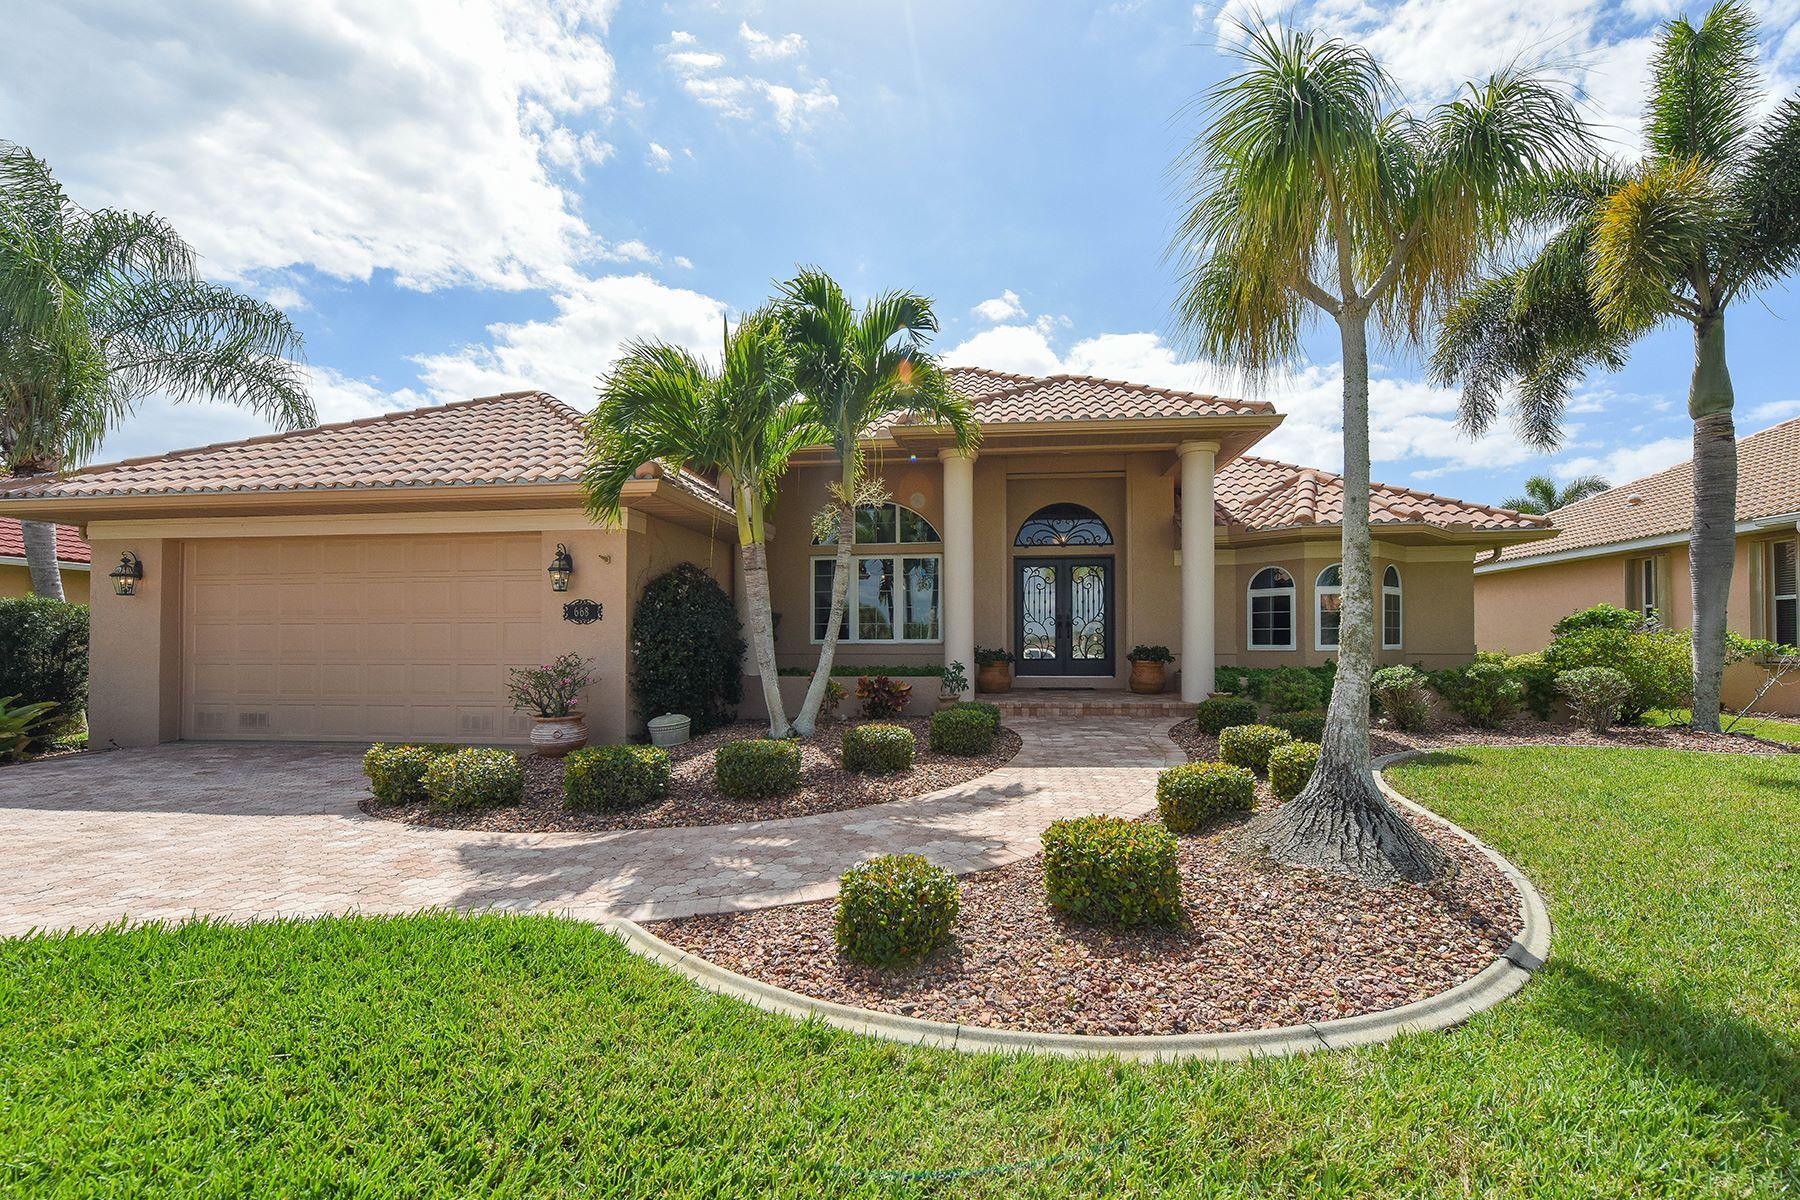 Maison unifamiliale pour l Vente à BURNT STORE ISLES 668 Monaco Dr Punta Gorda, Florida, 33950 États-Unis